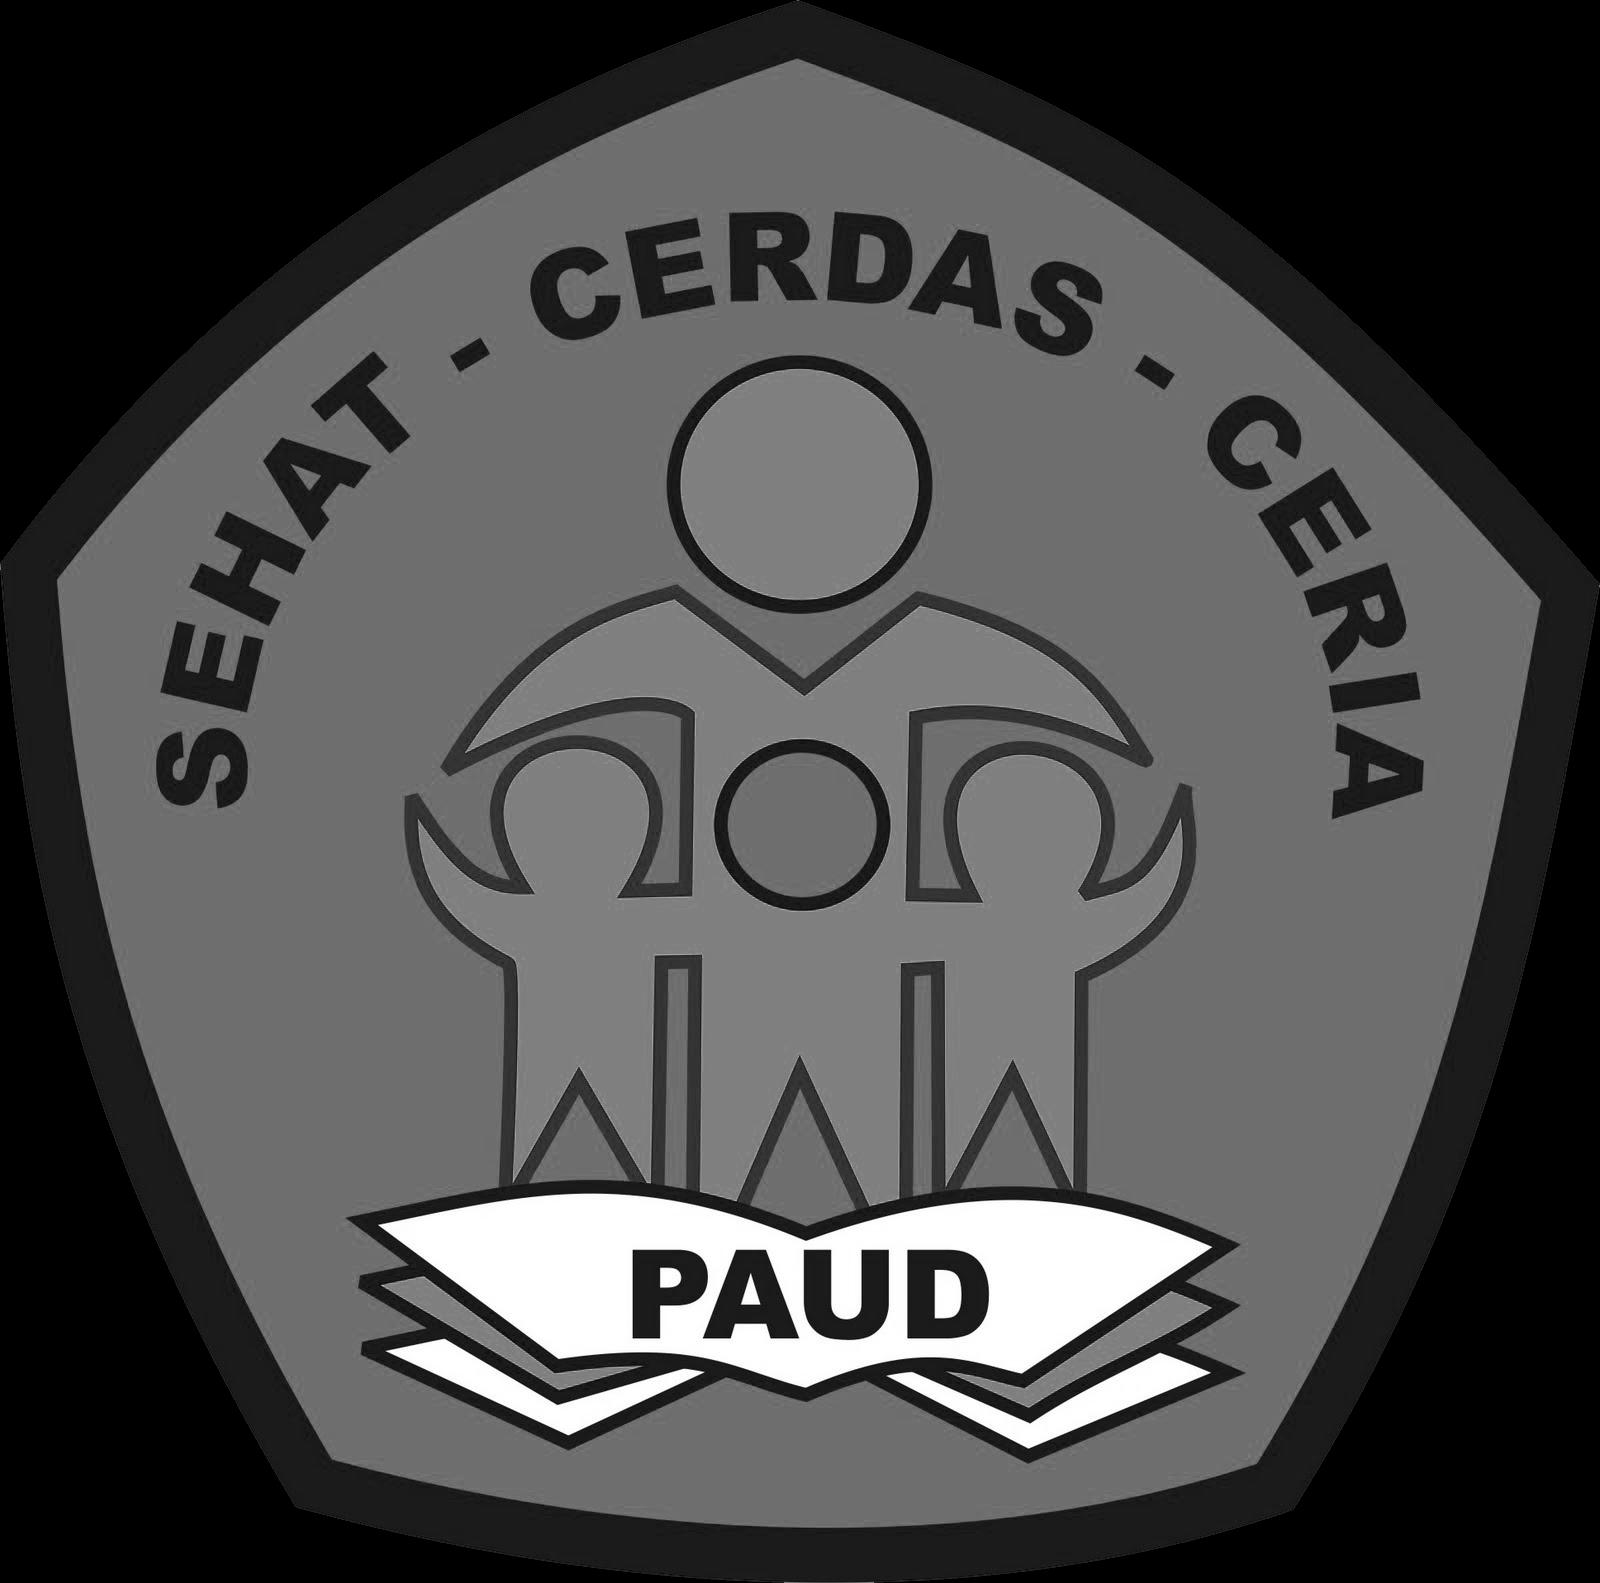 3 Logo Paud Format Png Berwarna Hitam Putih Grafis Media